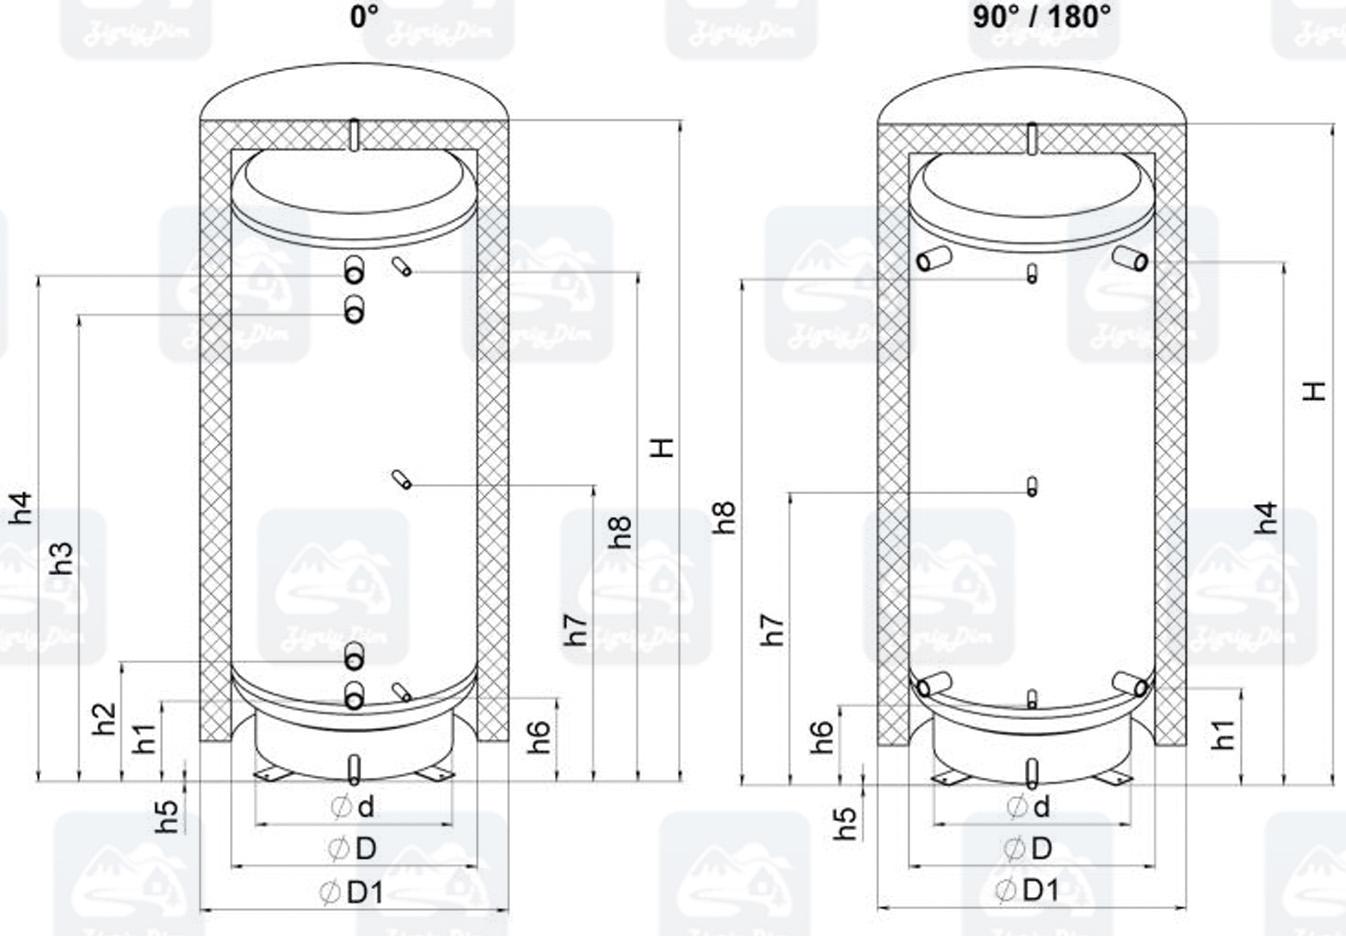 Схема теплоаакумулятора Кронас ТА90-180